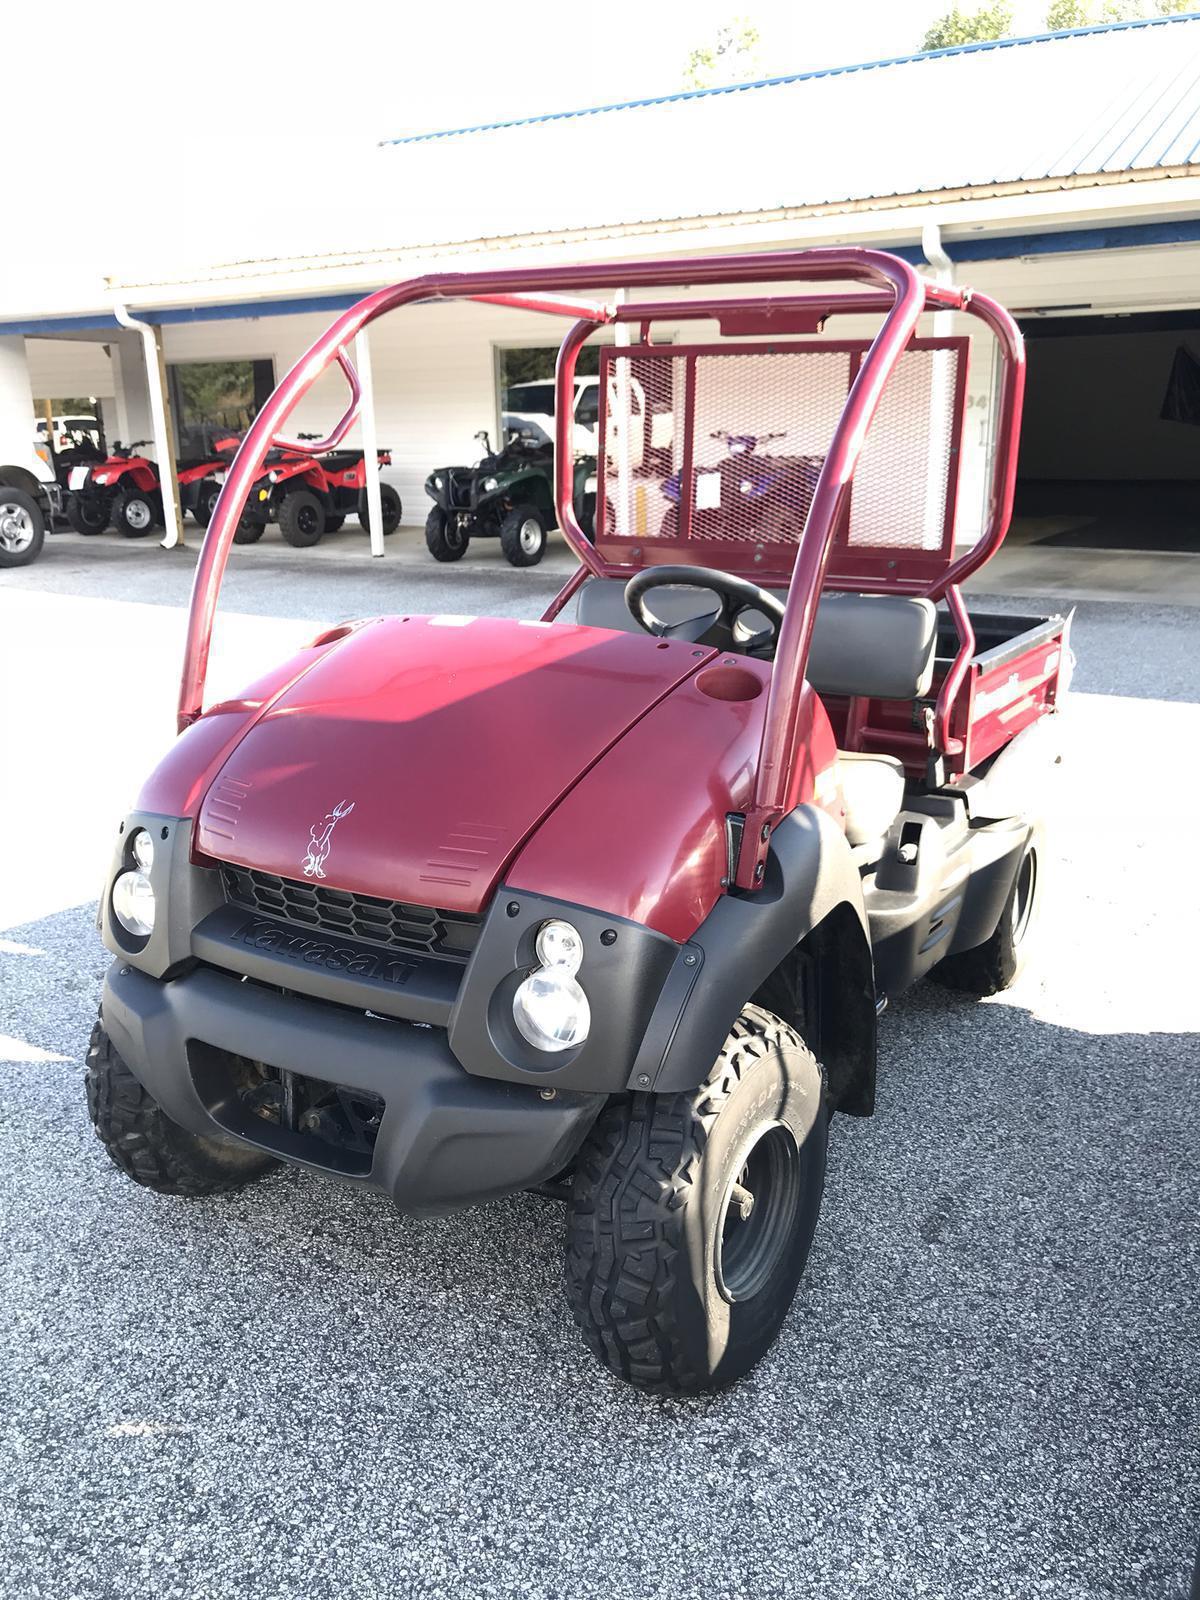 2009 Kawasaki 610 Mule For Sale In Wilkesboro Nc Brushy Mountain Fuel Filter